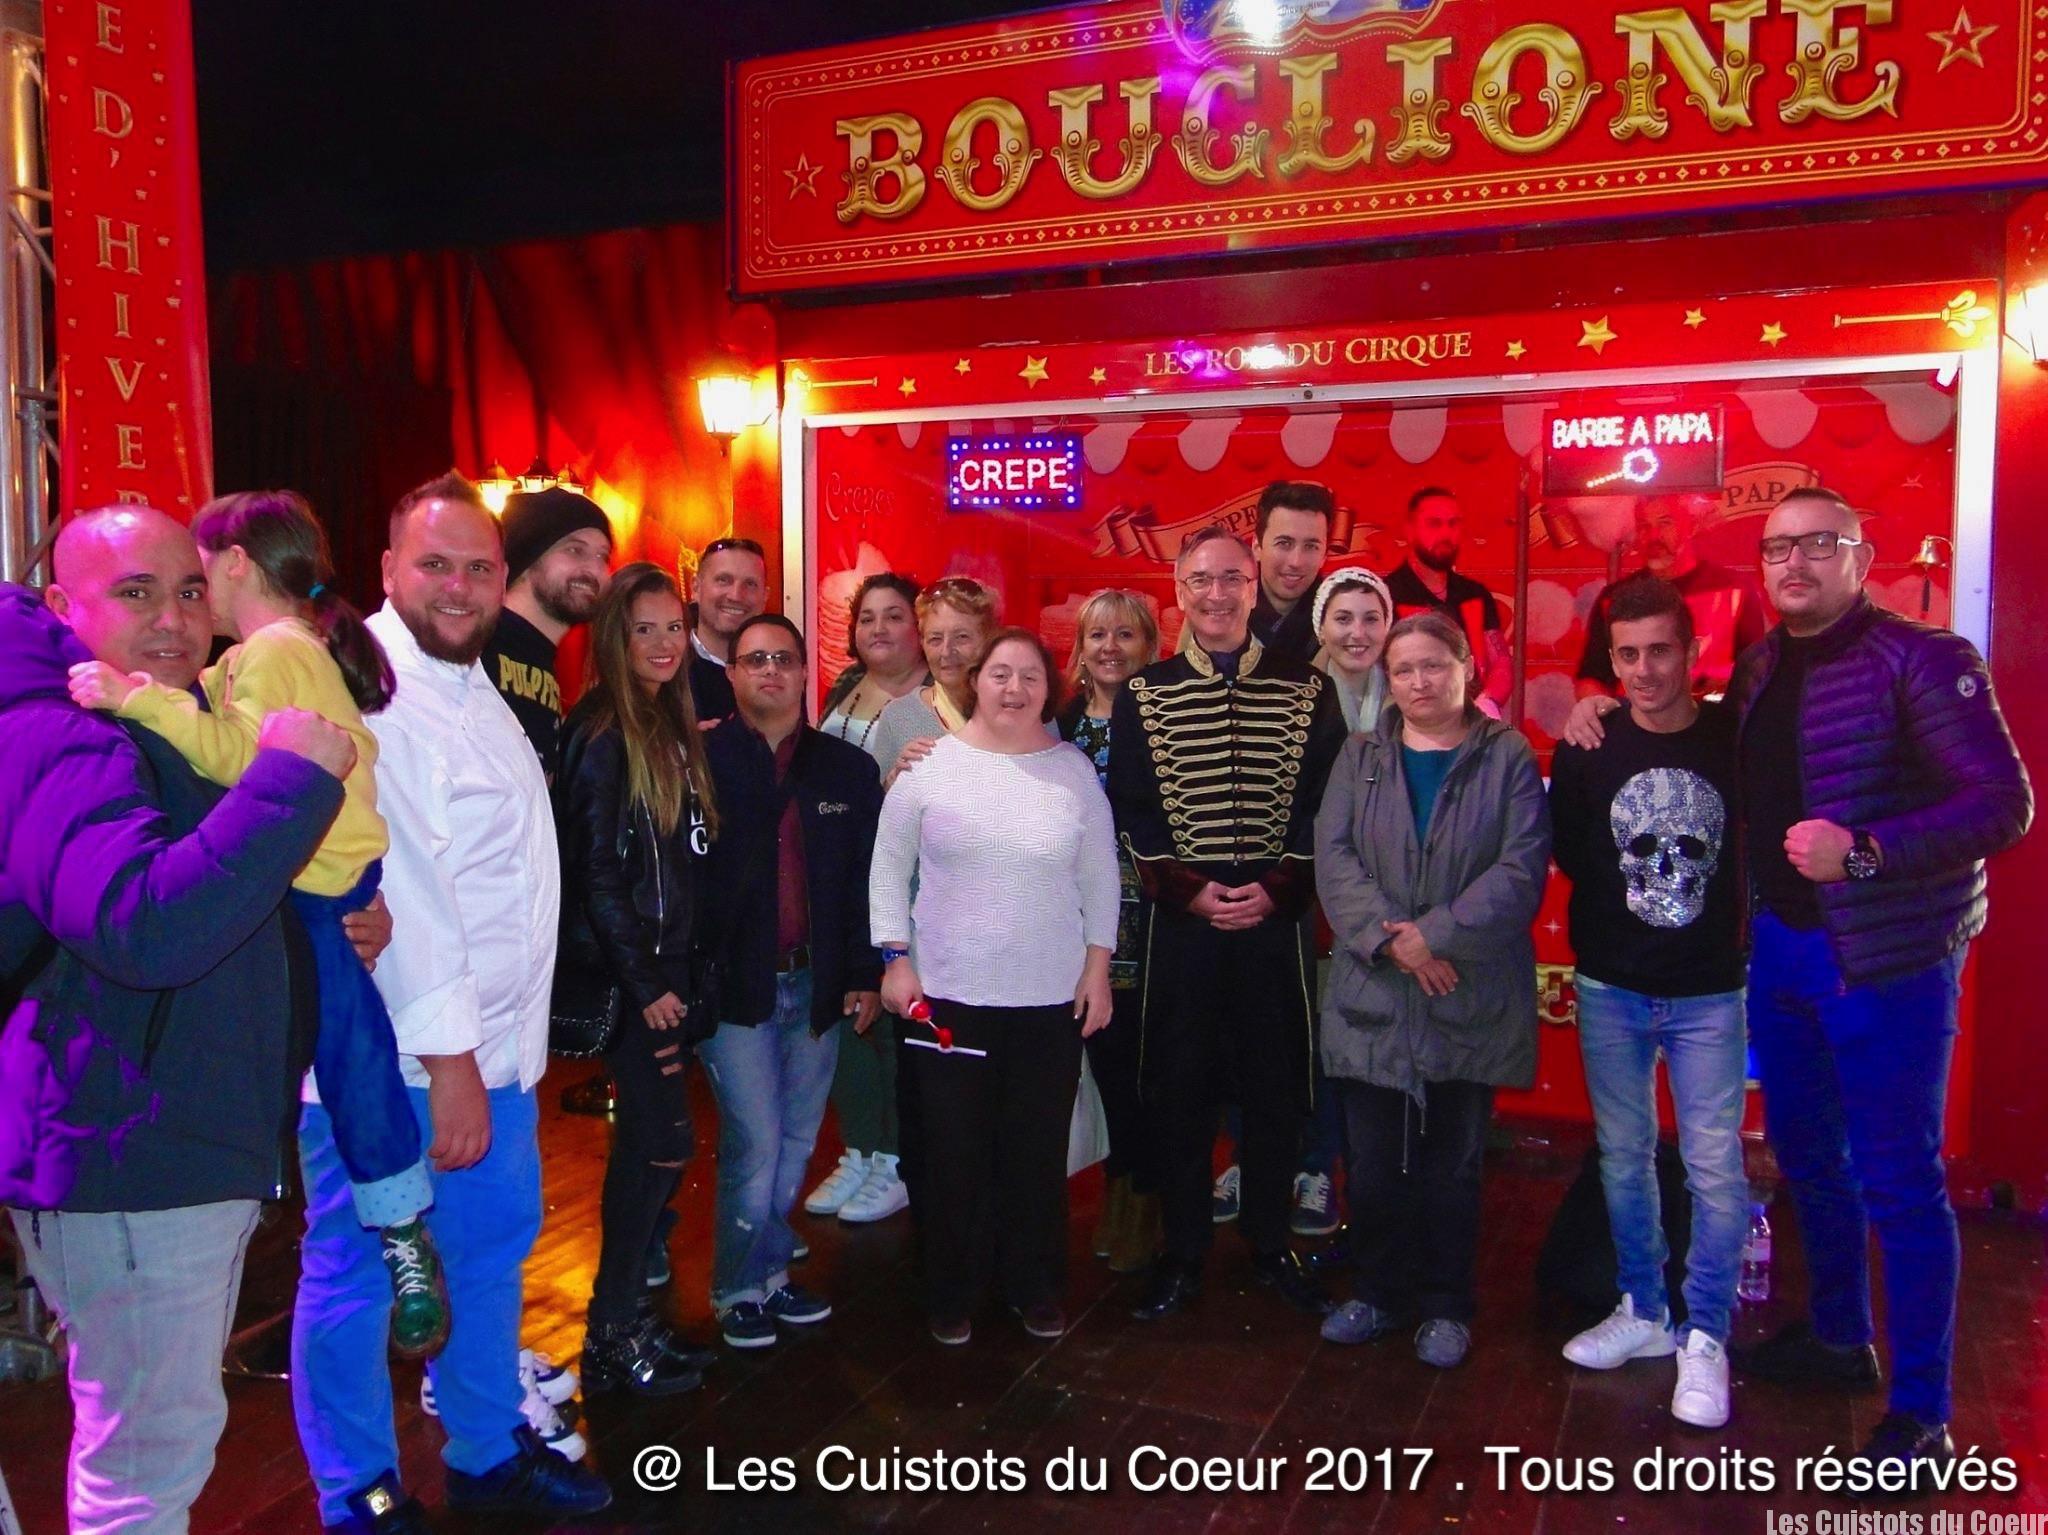 Les Cuistots du Coeur au Cirque Bouglione